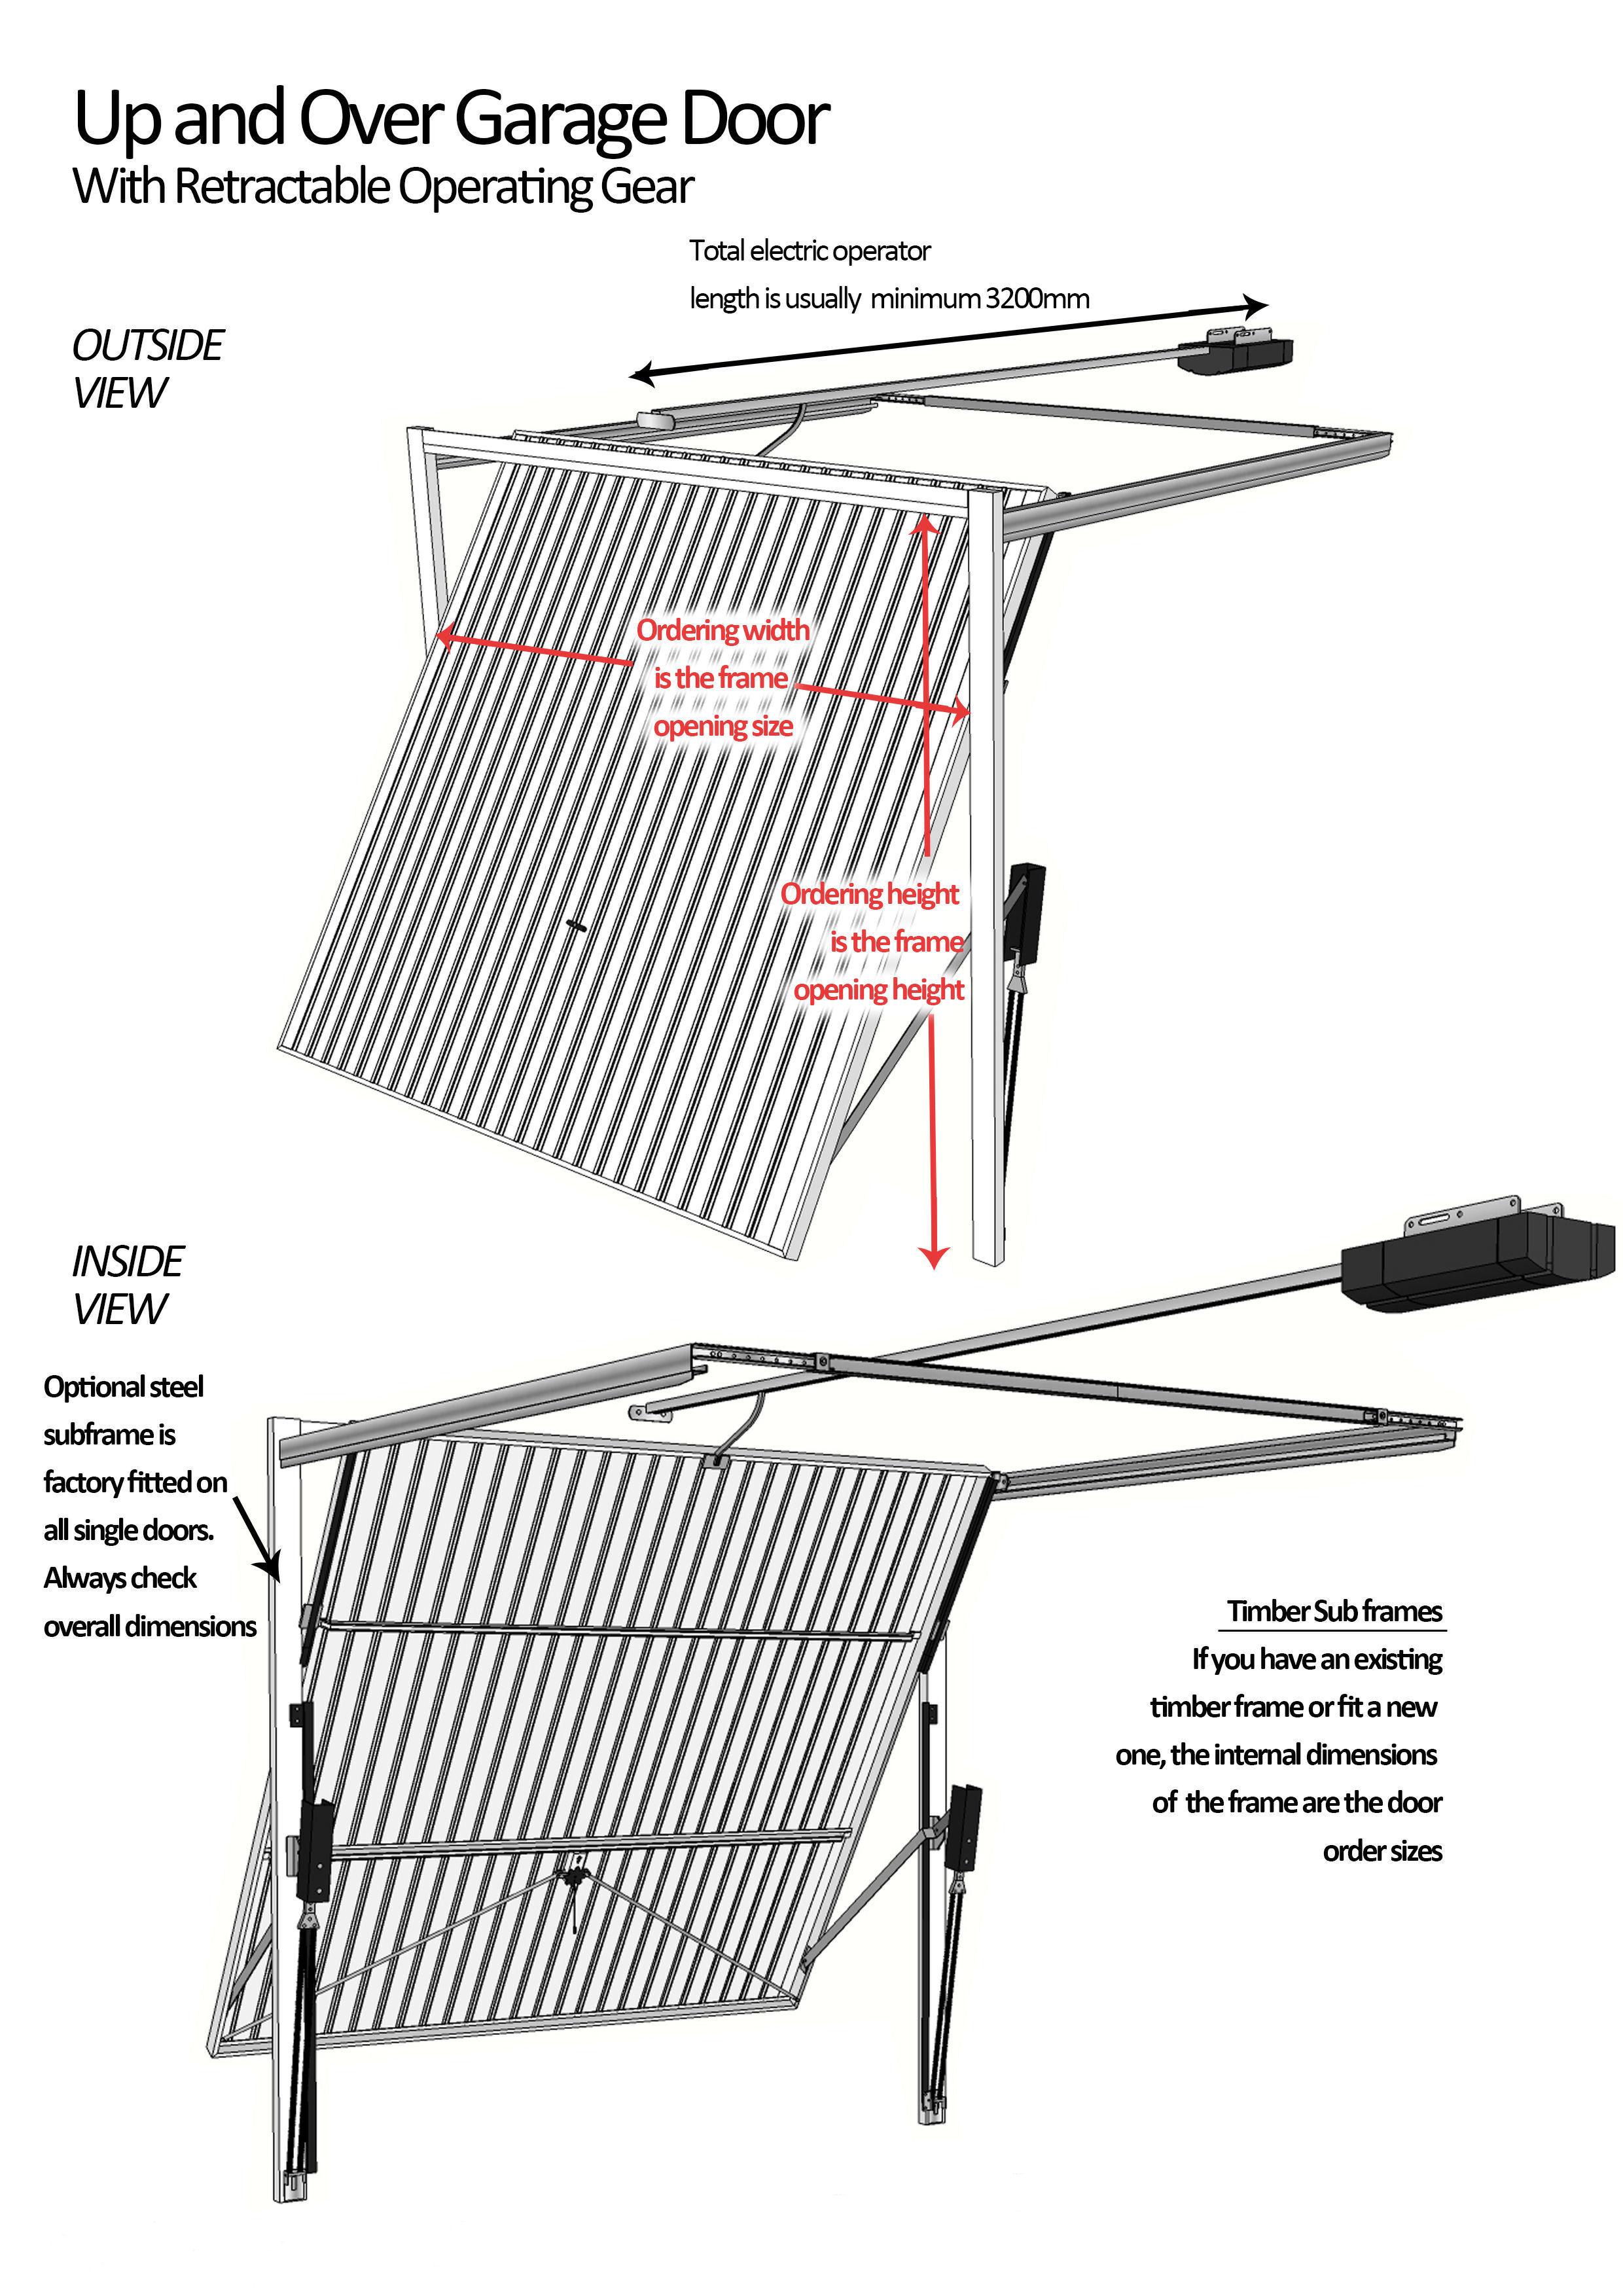 Hormann Overhead Door Diagram - Find Wiring Diagram •